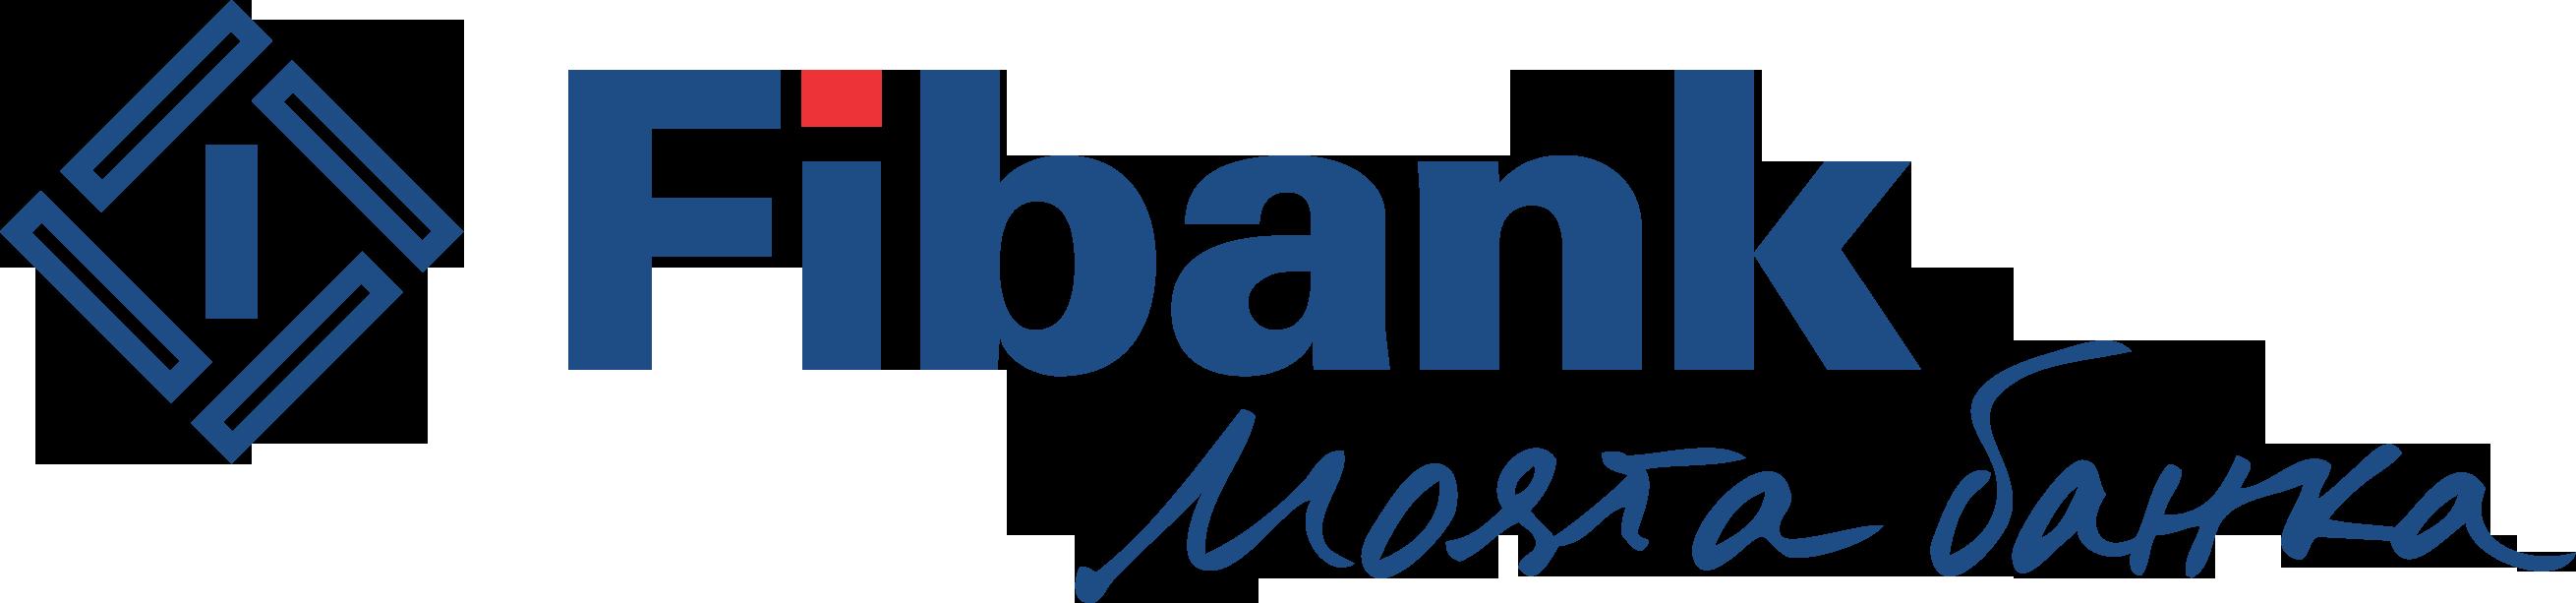 Стандартен потребителски кредит без превод на работна заплата с преференциални условия